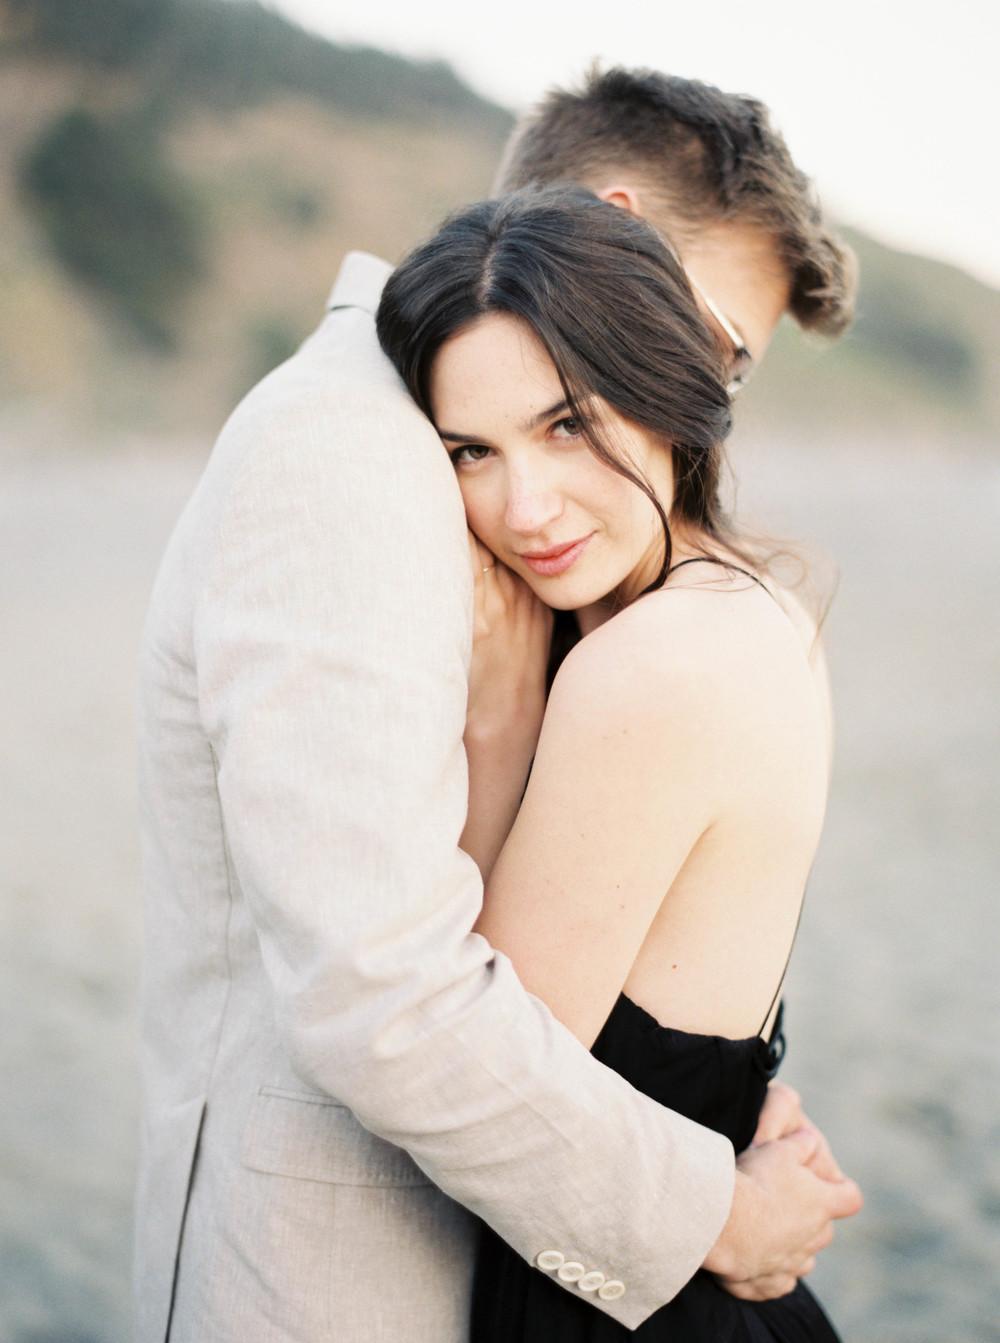 Meghan+Mehan+Fine+Art+Photography+-+Elk,+California+-+Beach+Engagement_Jillian+and+Alex+-+001.jpg